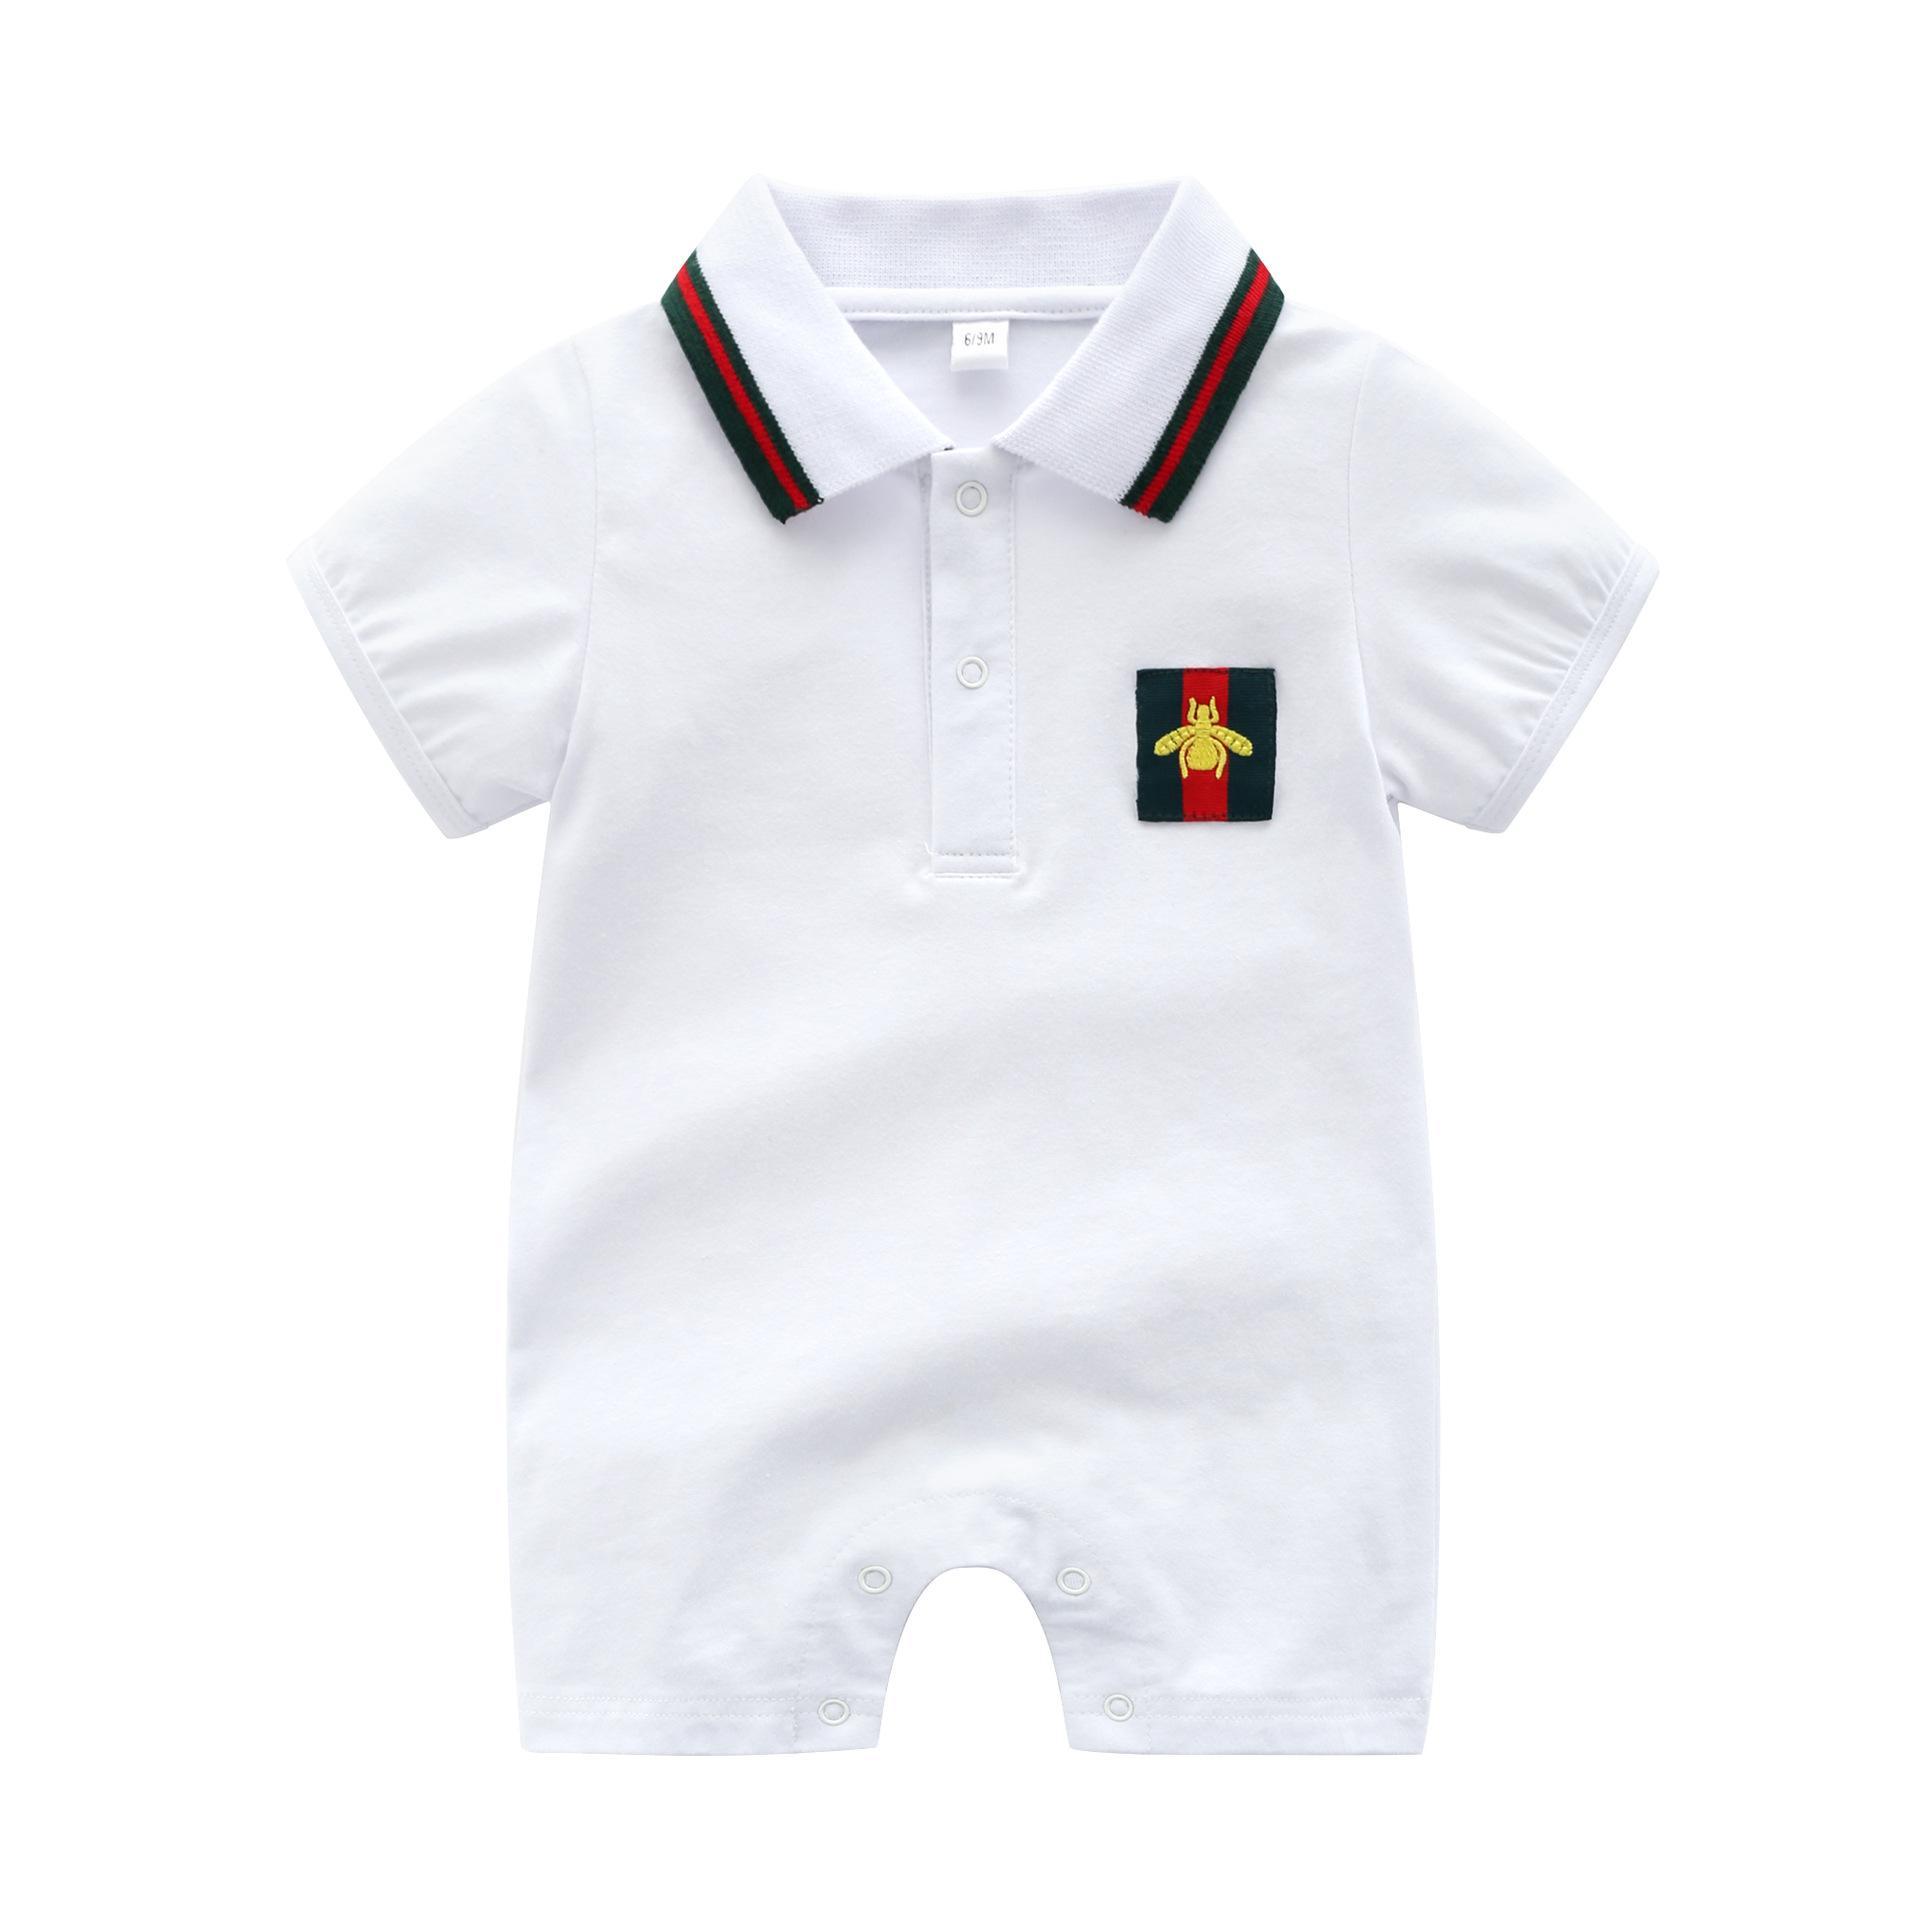 316898712 Compre Bebê Menino Roupas Bebê Recém Nascido Romper Verão Algodão Manga  Curta Menina Romper De Jingyaxuan08